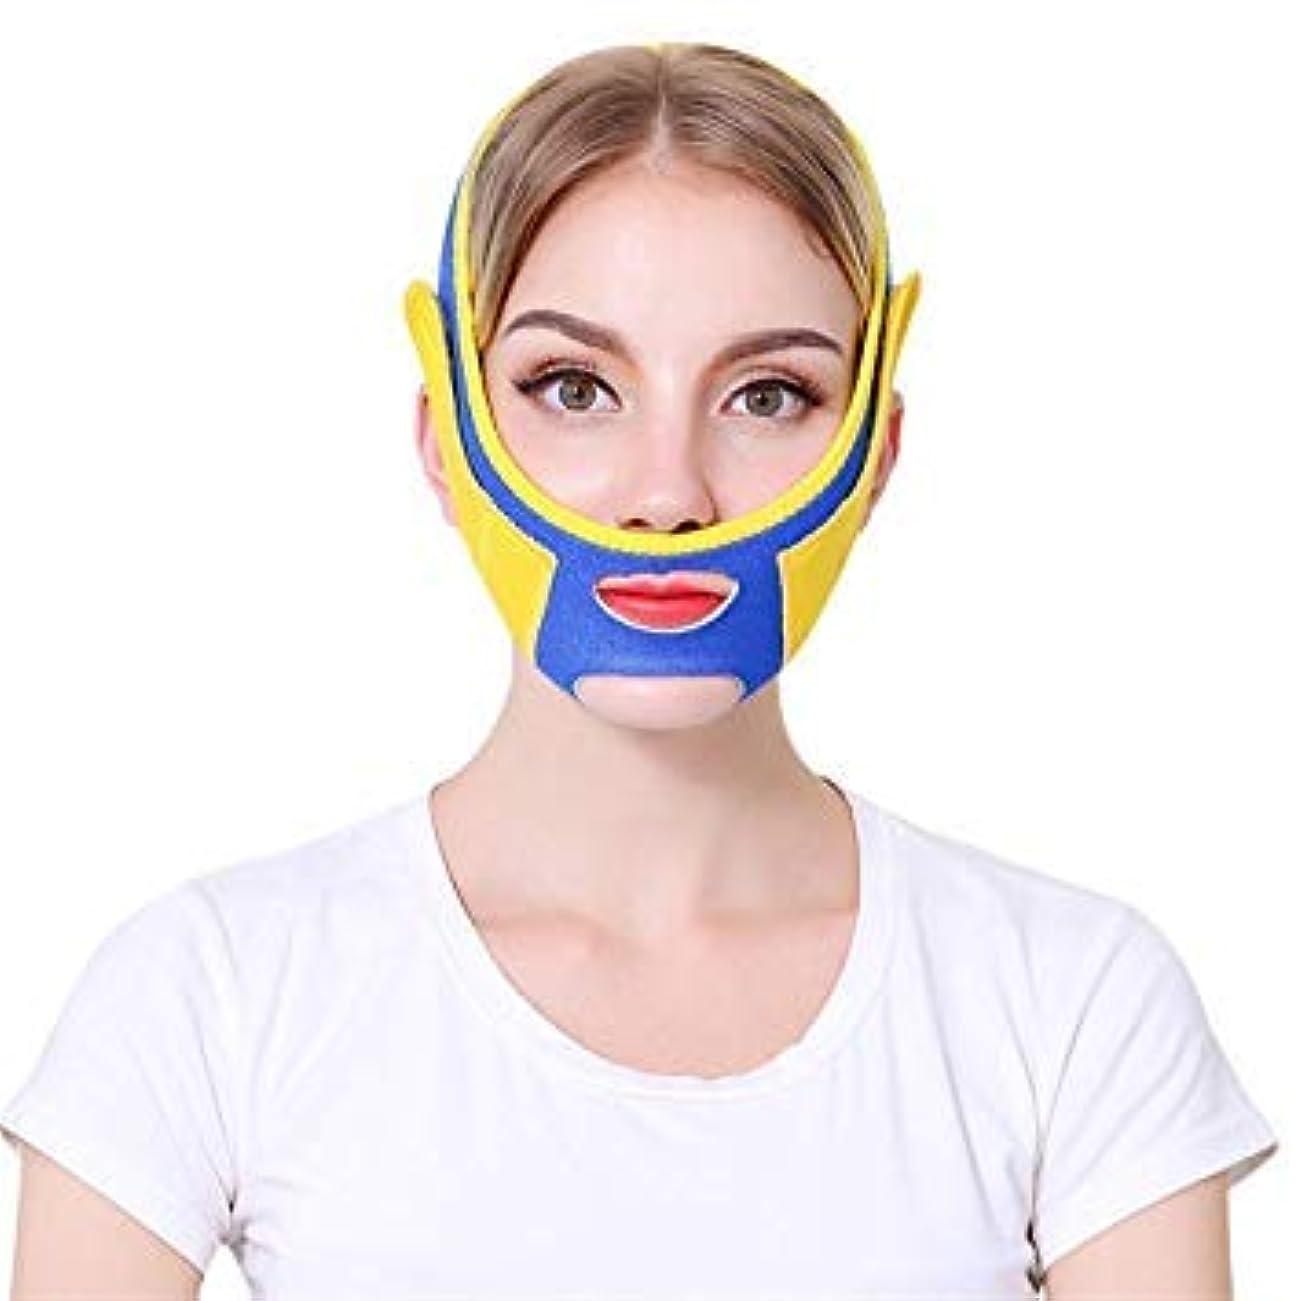 ほのかベアリングとにかく顔のリフティングスリムウエストバンド、頬のV字型リフティング薄型マスク、滑らかで通気性のあるコンプレッションダブルあご付きで包帯を減らし、フェイスリフト/スリミング/スリープフェイス/マスクで体重を減らします (blue)